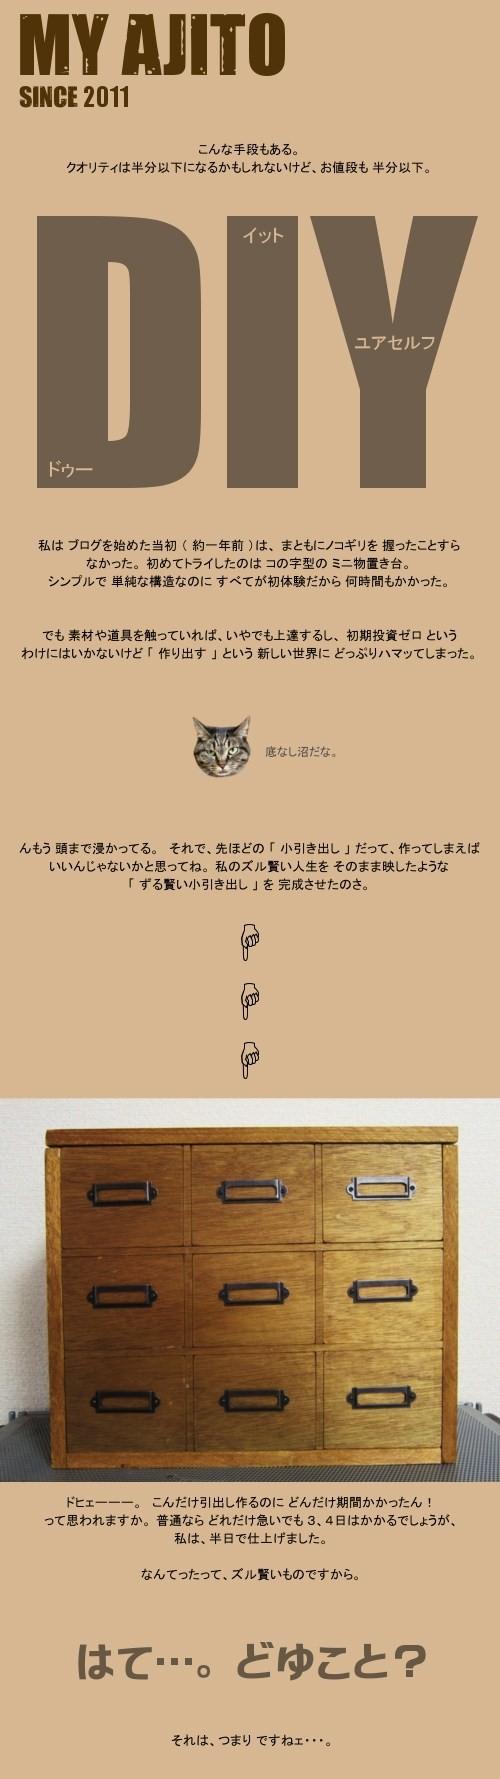 hiki_2.jpg